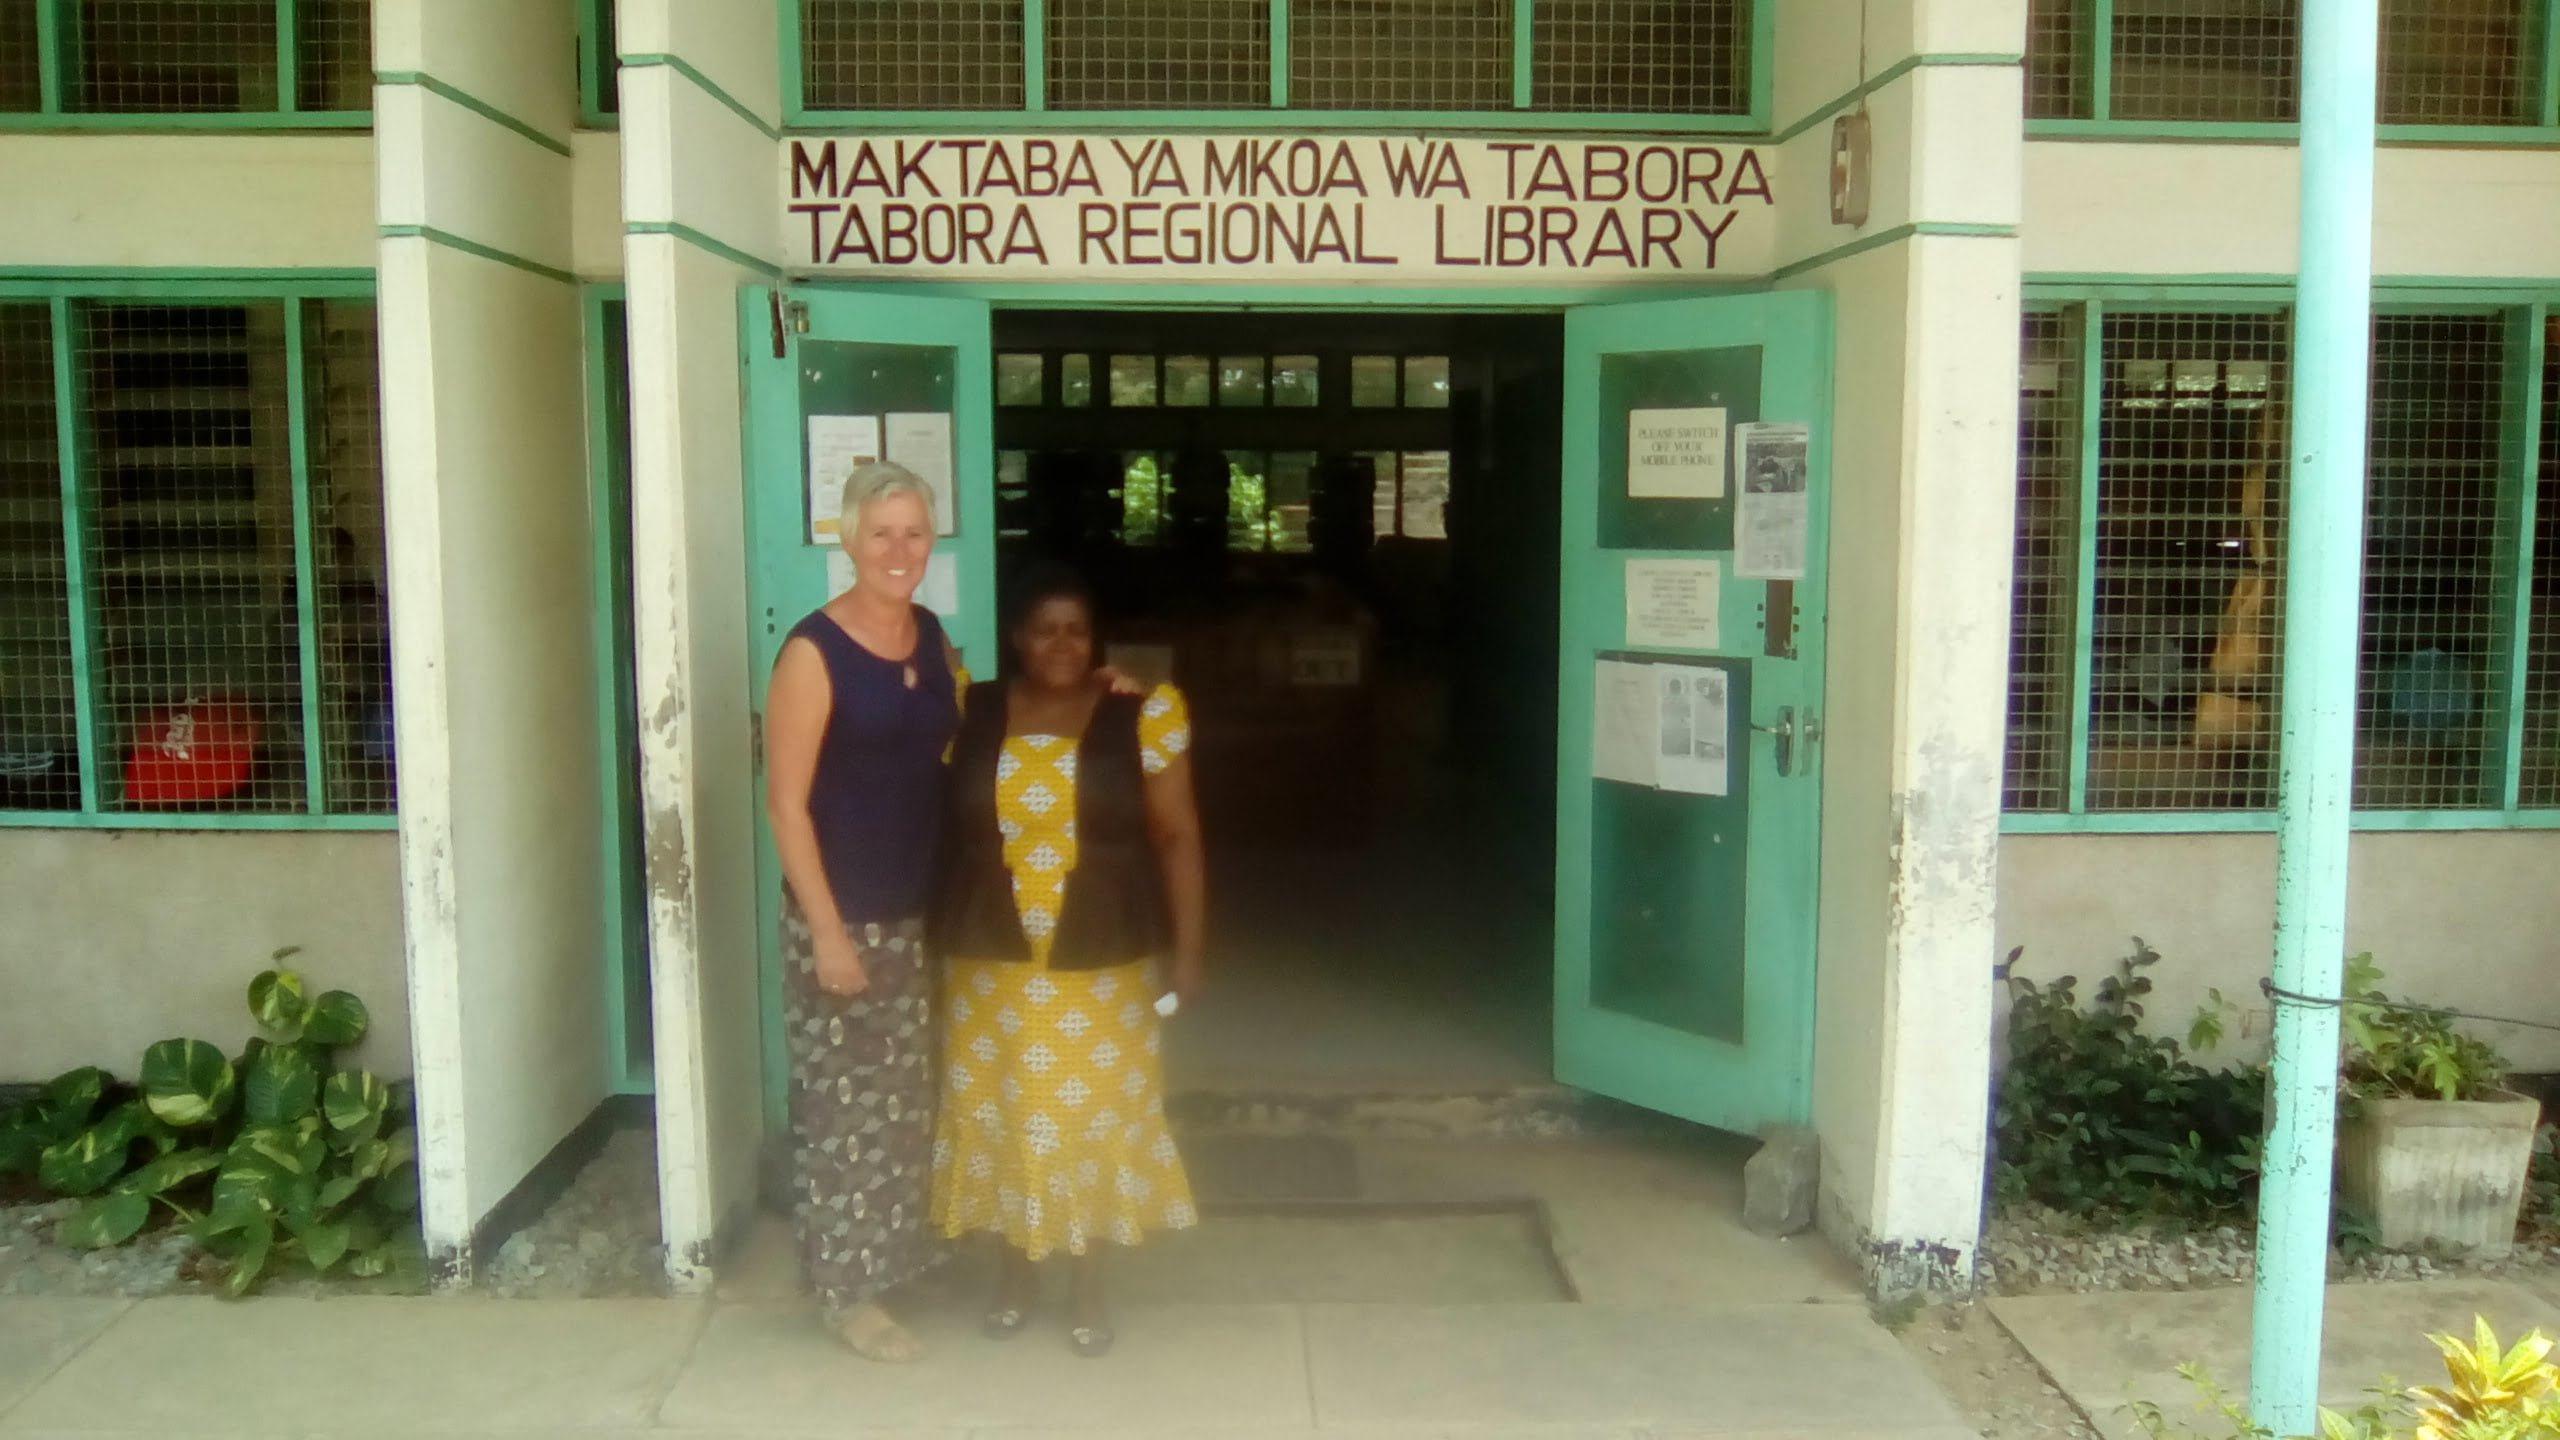 library, Tabora, Tanzania